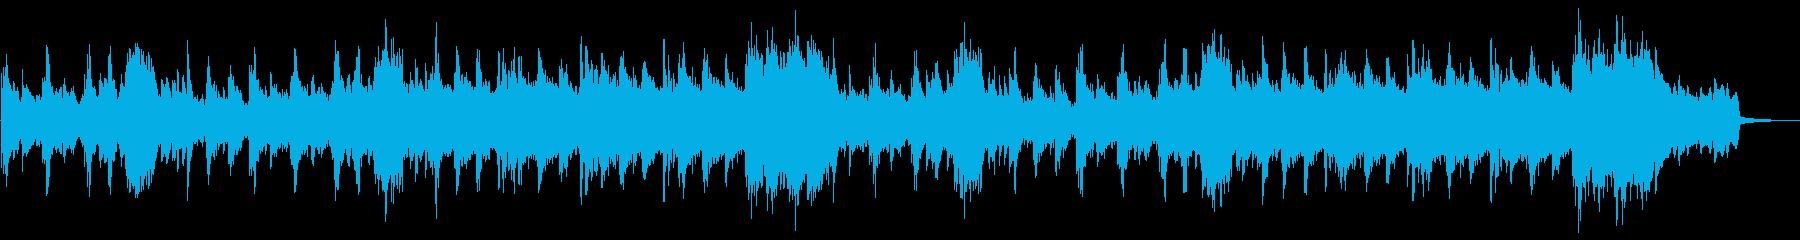 緊張感漂う曲の再生済みの波形